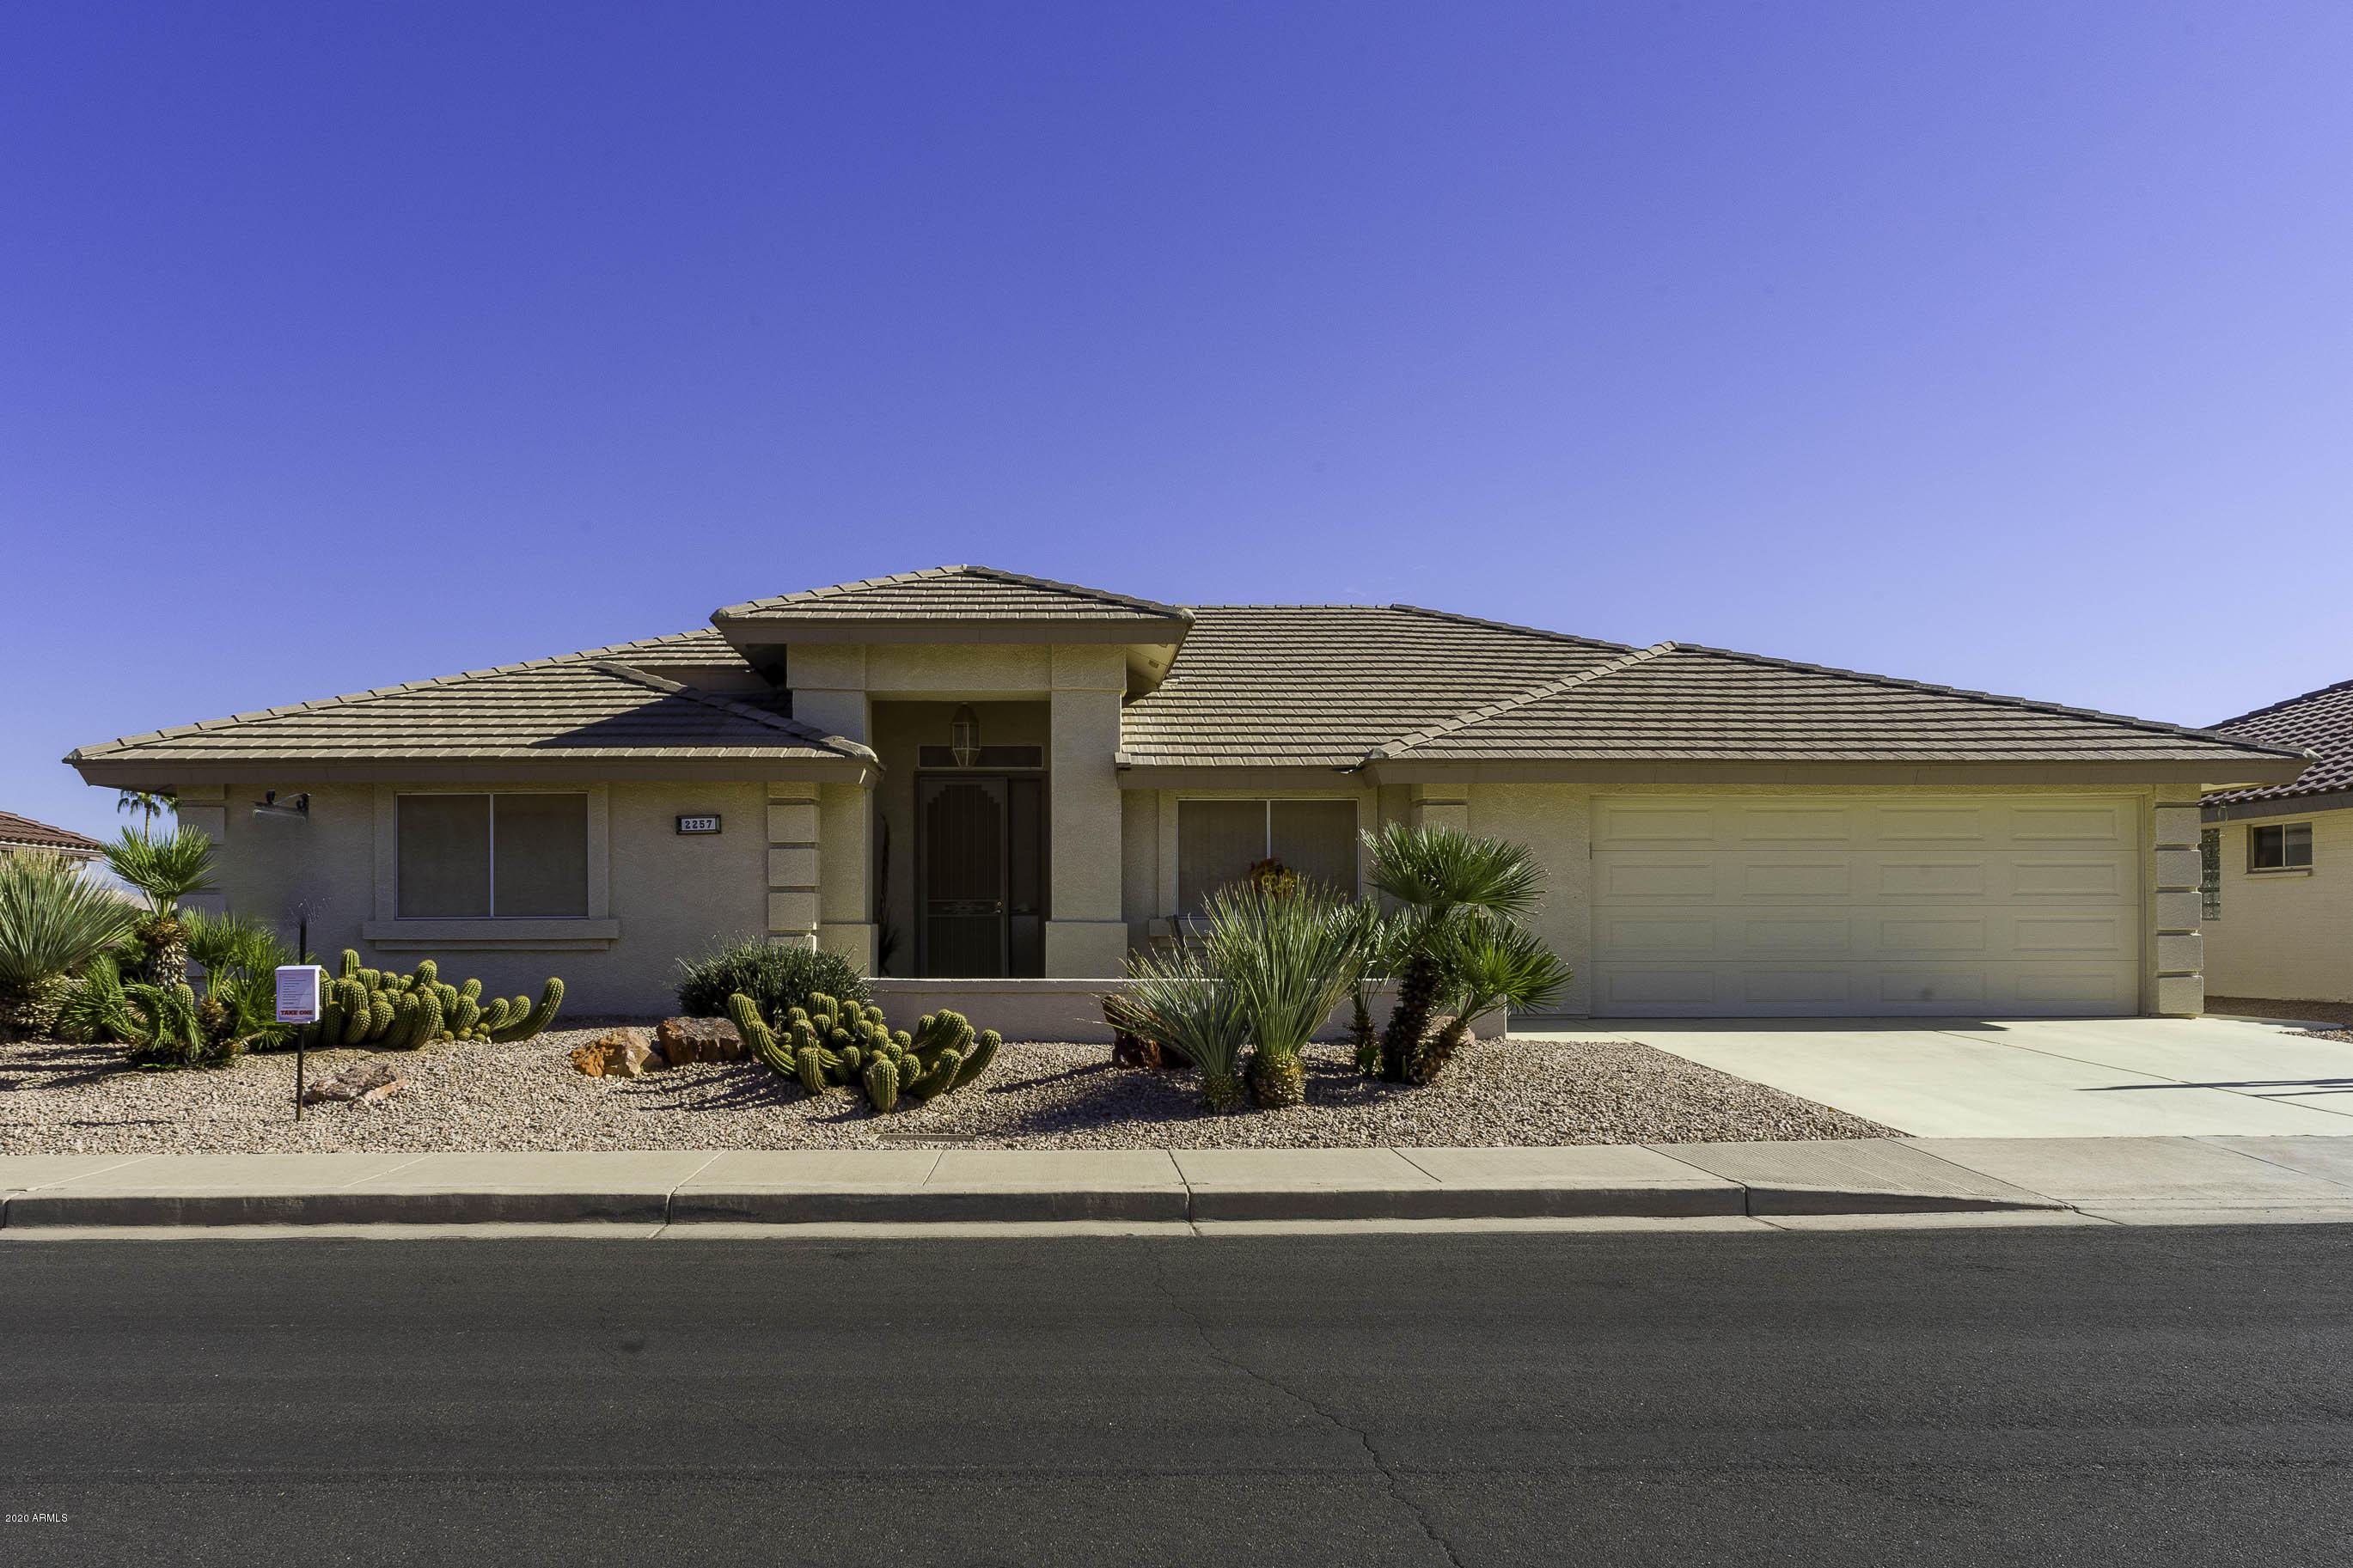 Photo of 2257 S OLIVEWOOD -- S, Mesa, AZ 85209